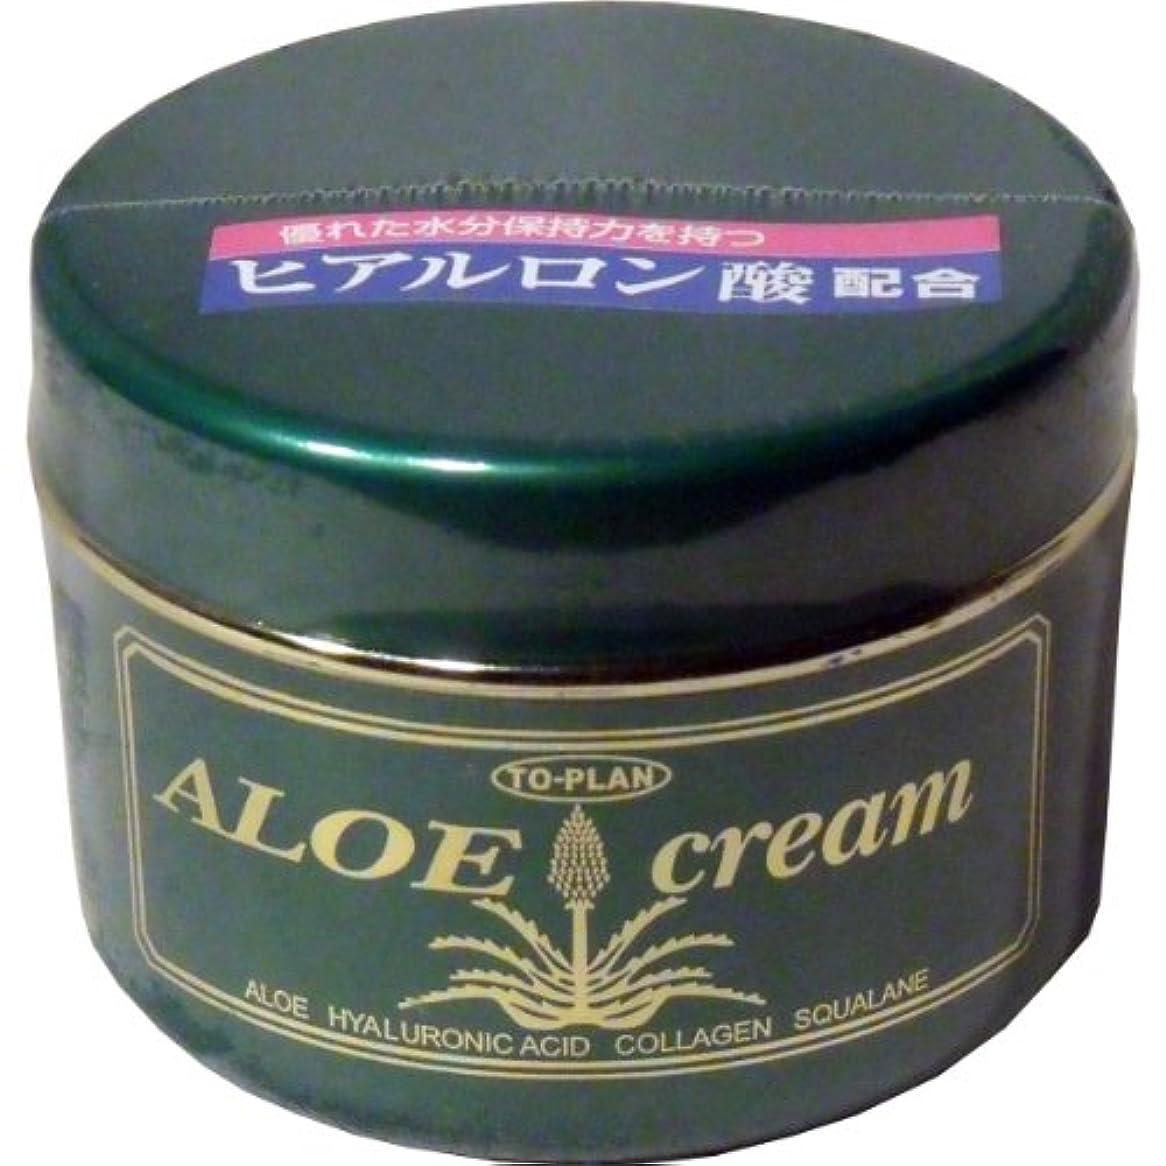 押し下げる放出キャンプトプラン ハーブフレッシュクリーム(アロエクリーム) ヒアルロン酸 170g ×6個セット